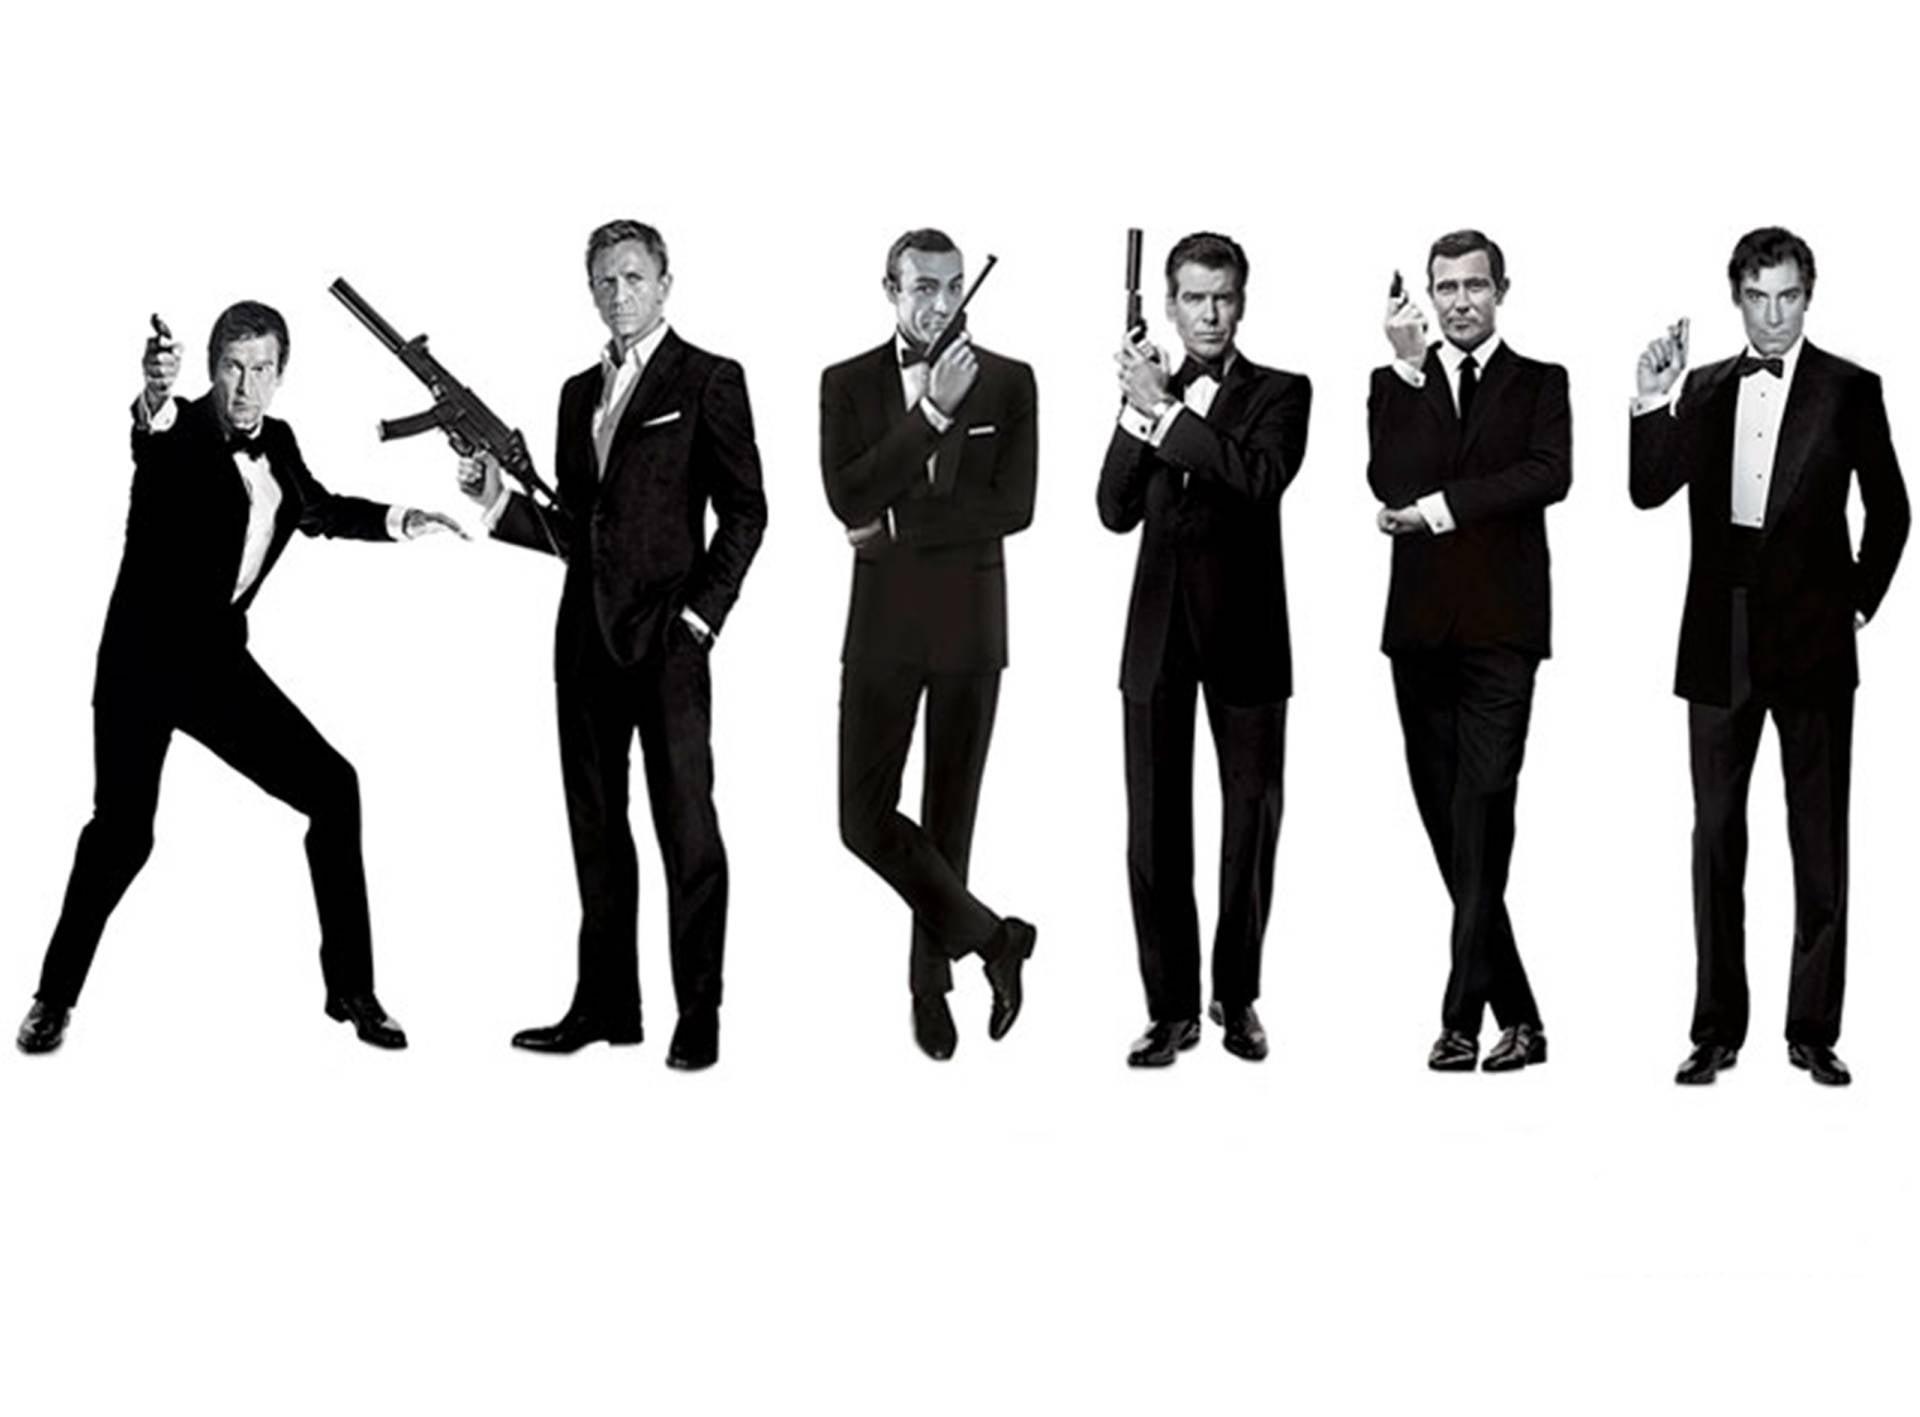 Focus Of The Week: James Bond